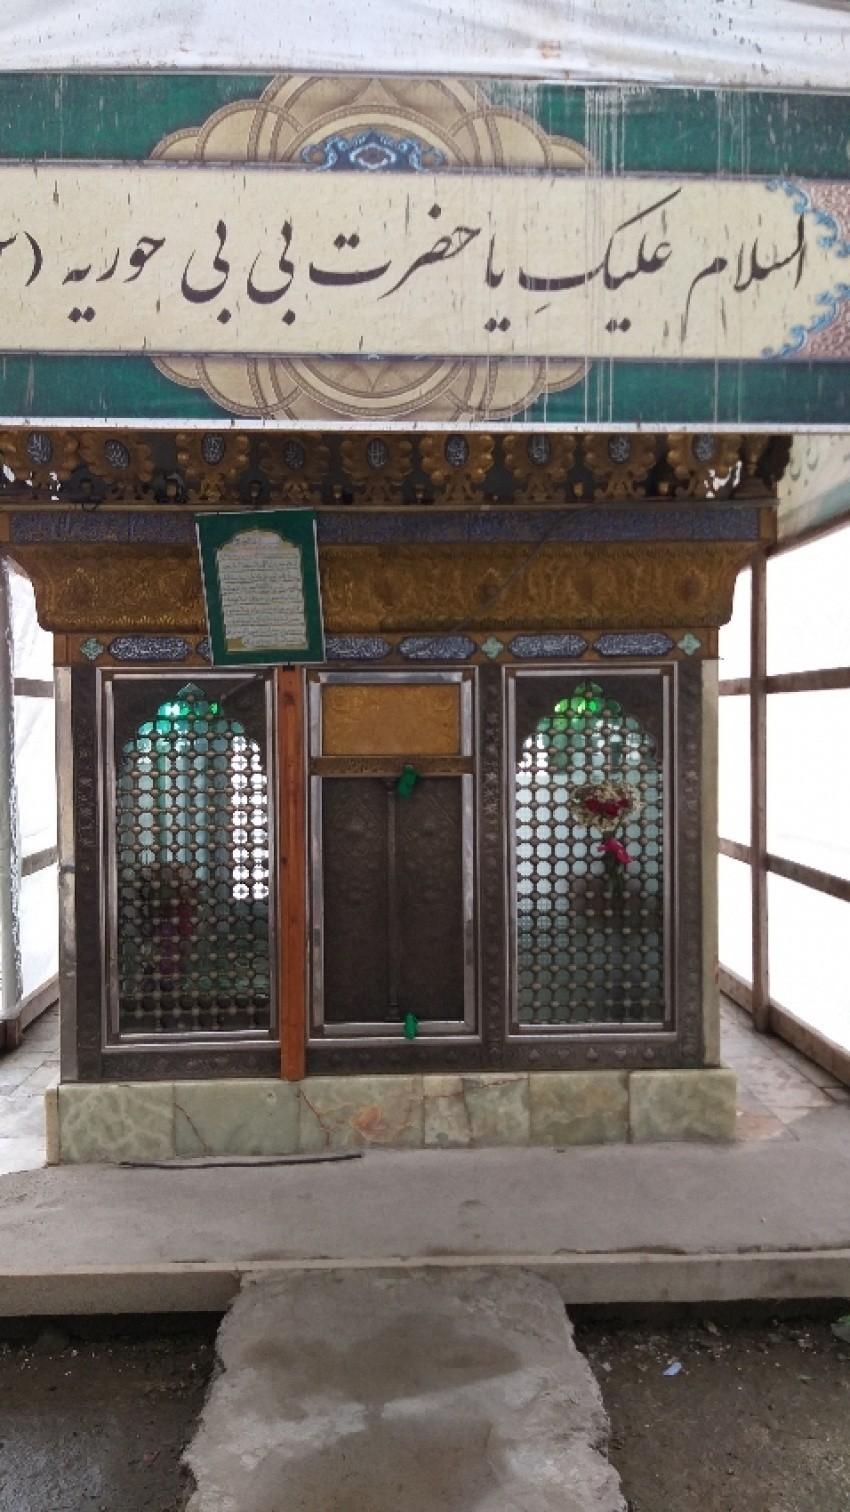 Holy Shrine of Bibi Hurieh